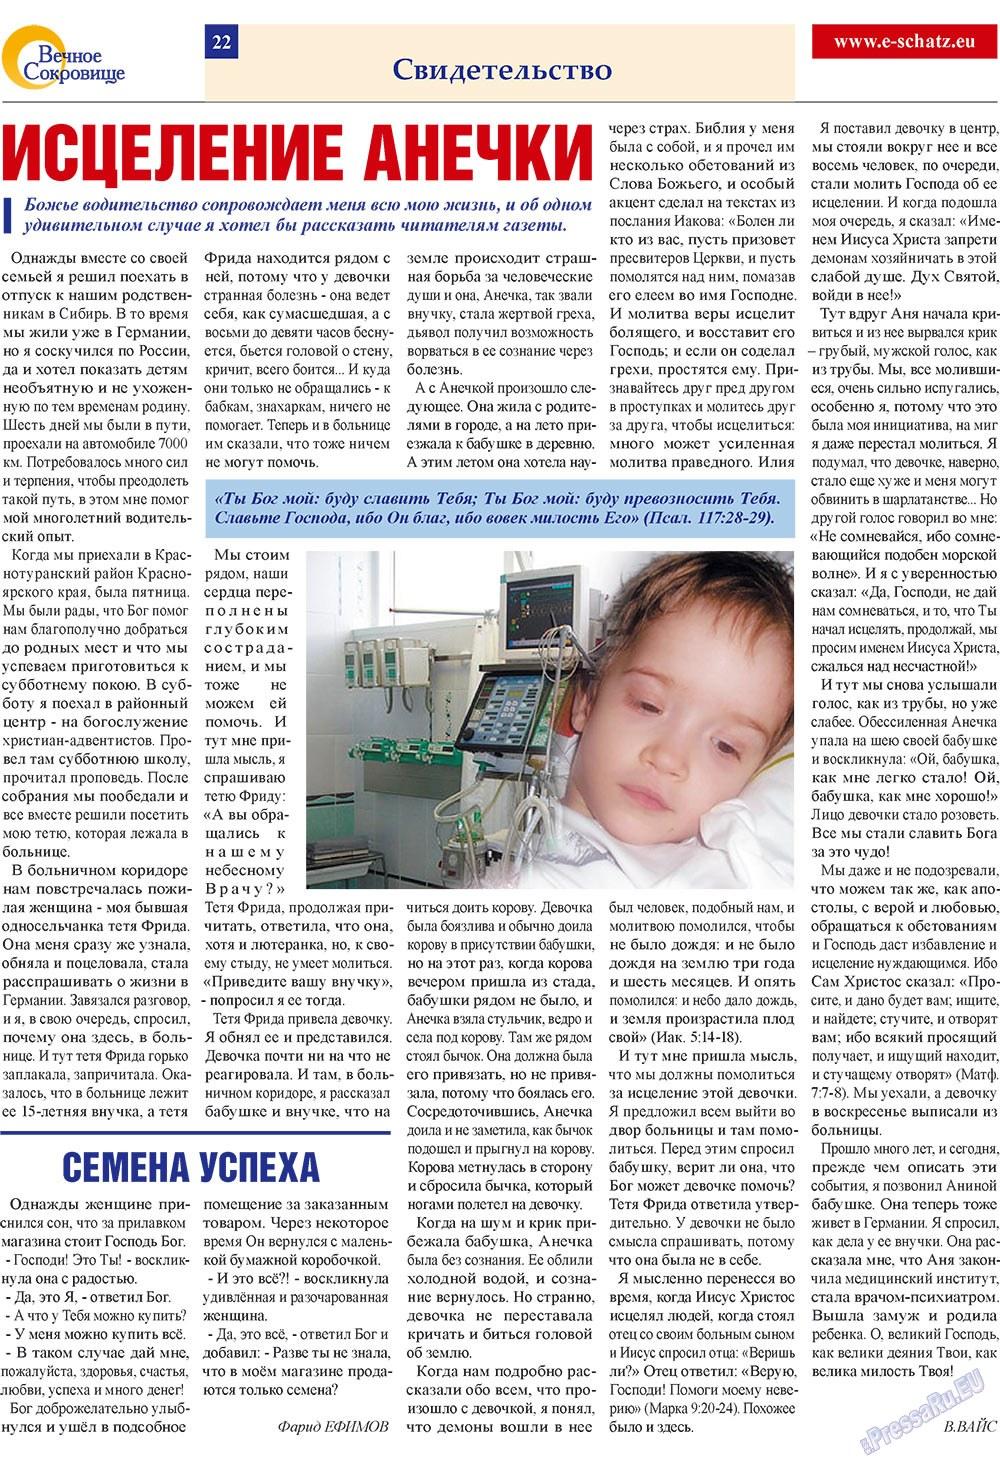 Вечное сокровище (газета). 2009 год, номер 2, стр. 22